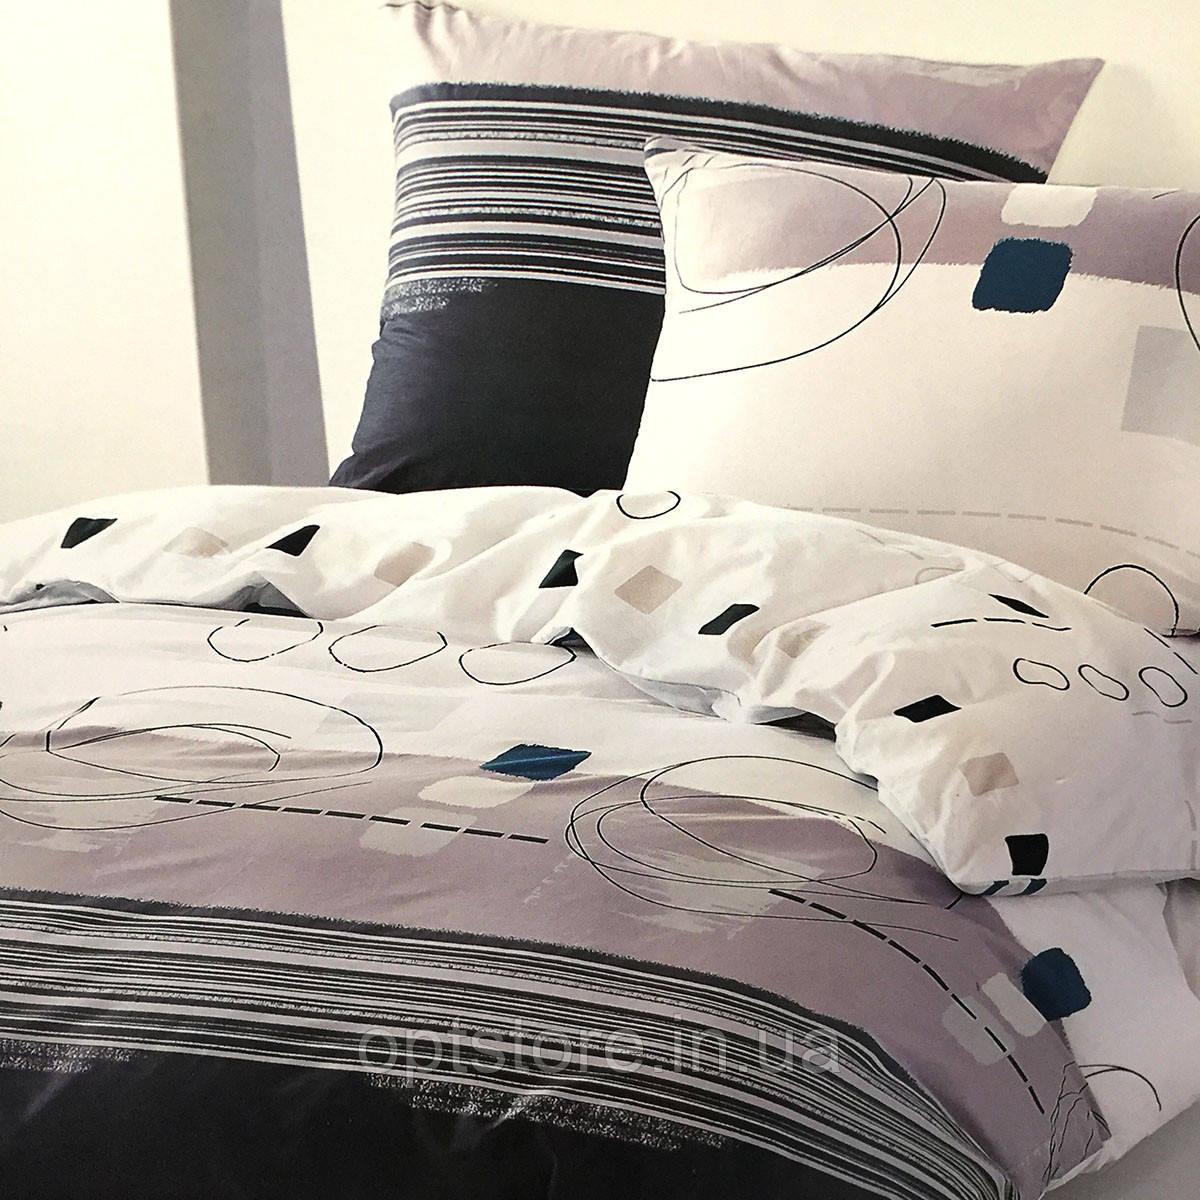 Постільна білизна Elway Premium євро розмір 200*220 см,тканина сатин 100% бавовна